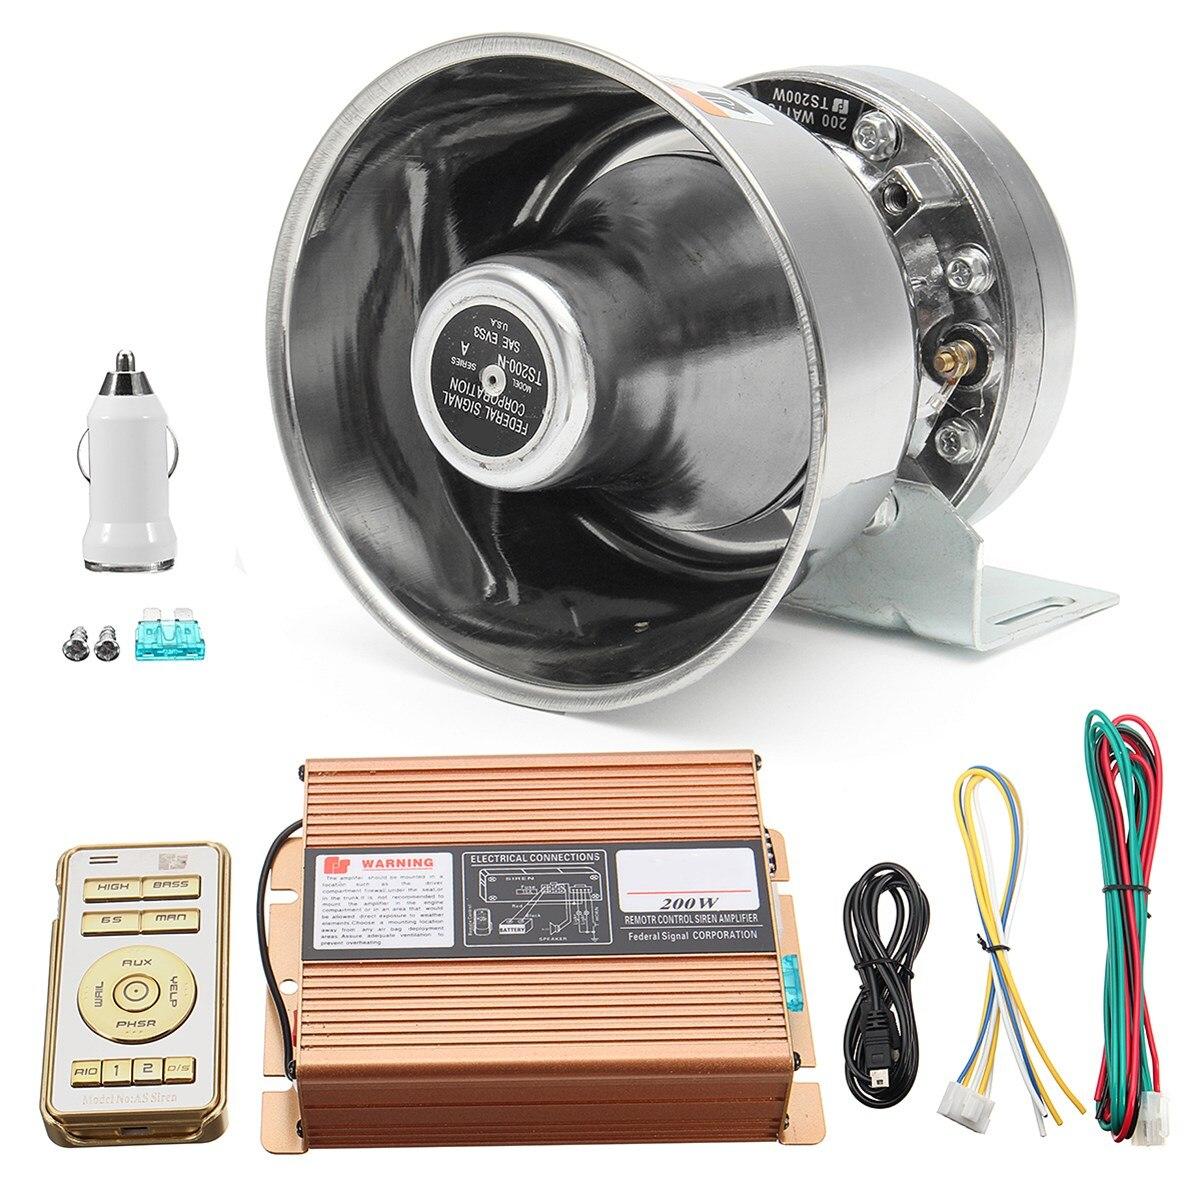 200 W Politiques Sirène de voiture MICRO système de haut-parleurs 12 Son Fort pour la voiture avertissement Politiques/Feu klaxon sirène alarme de voiture Amplificateur